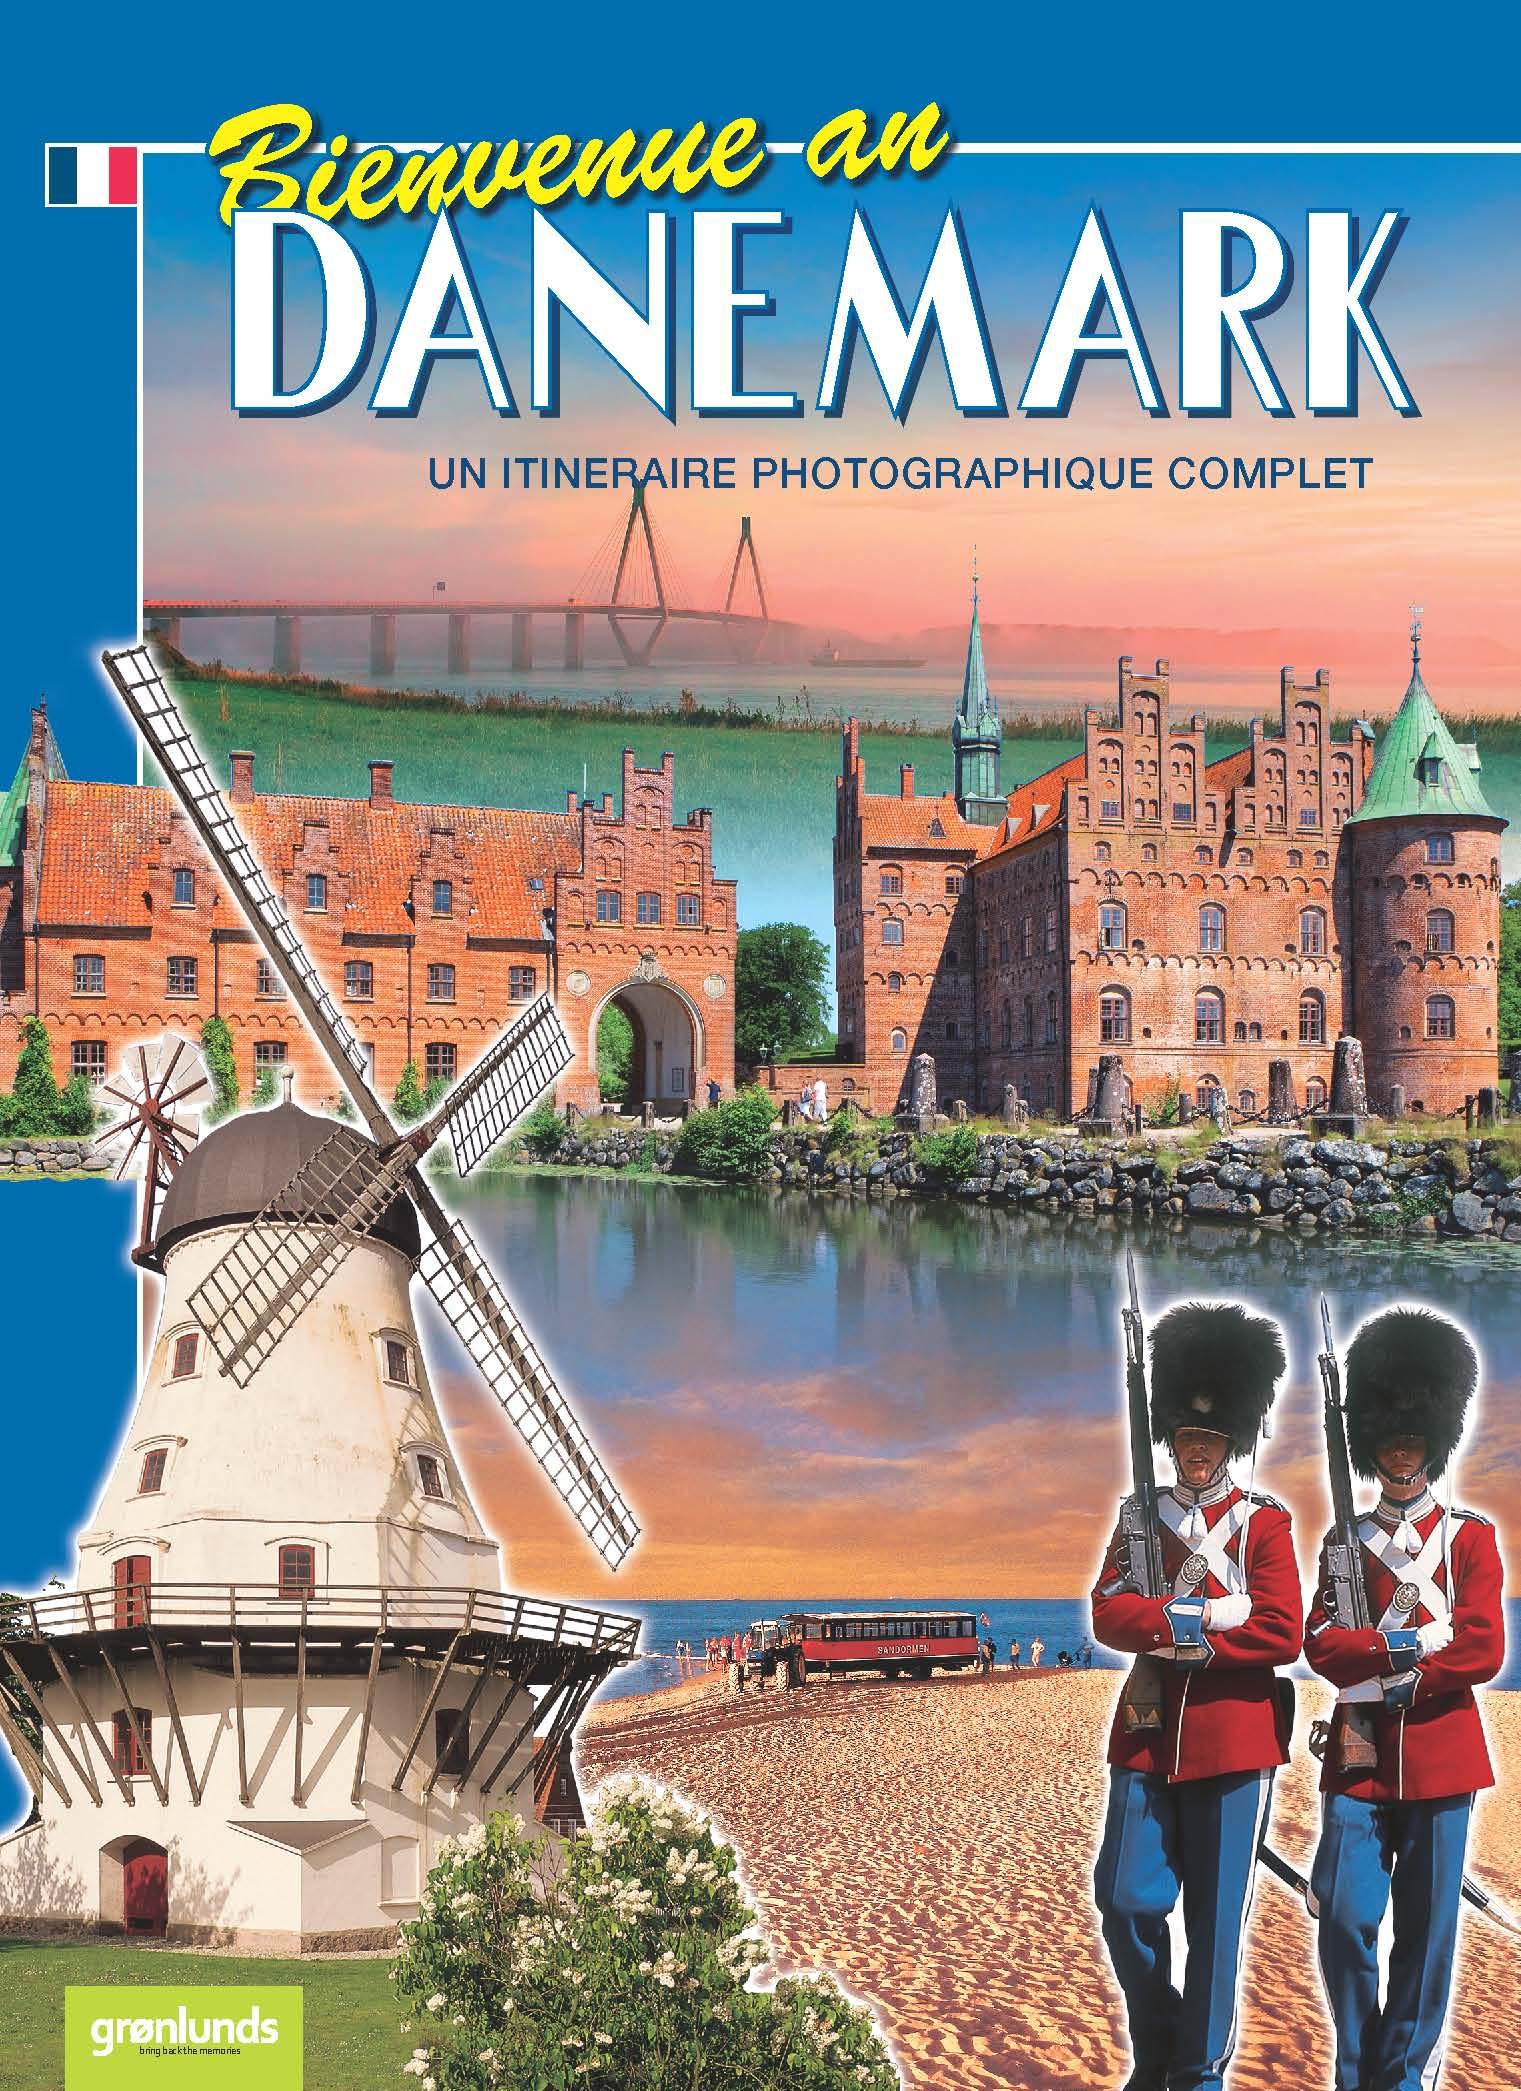 Bienvenue au Danemark, Fransk (2012)